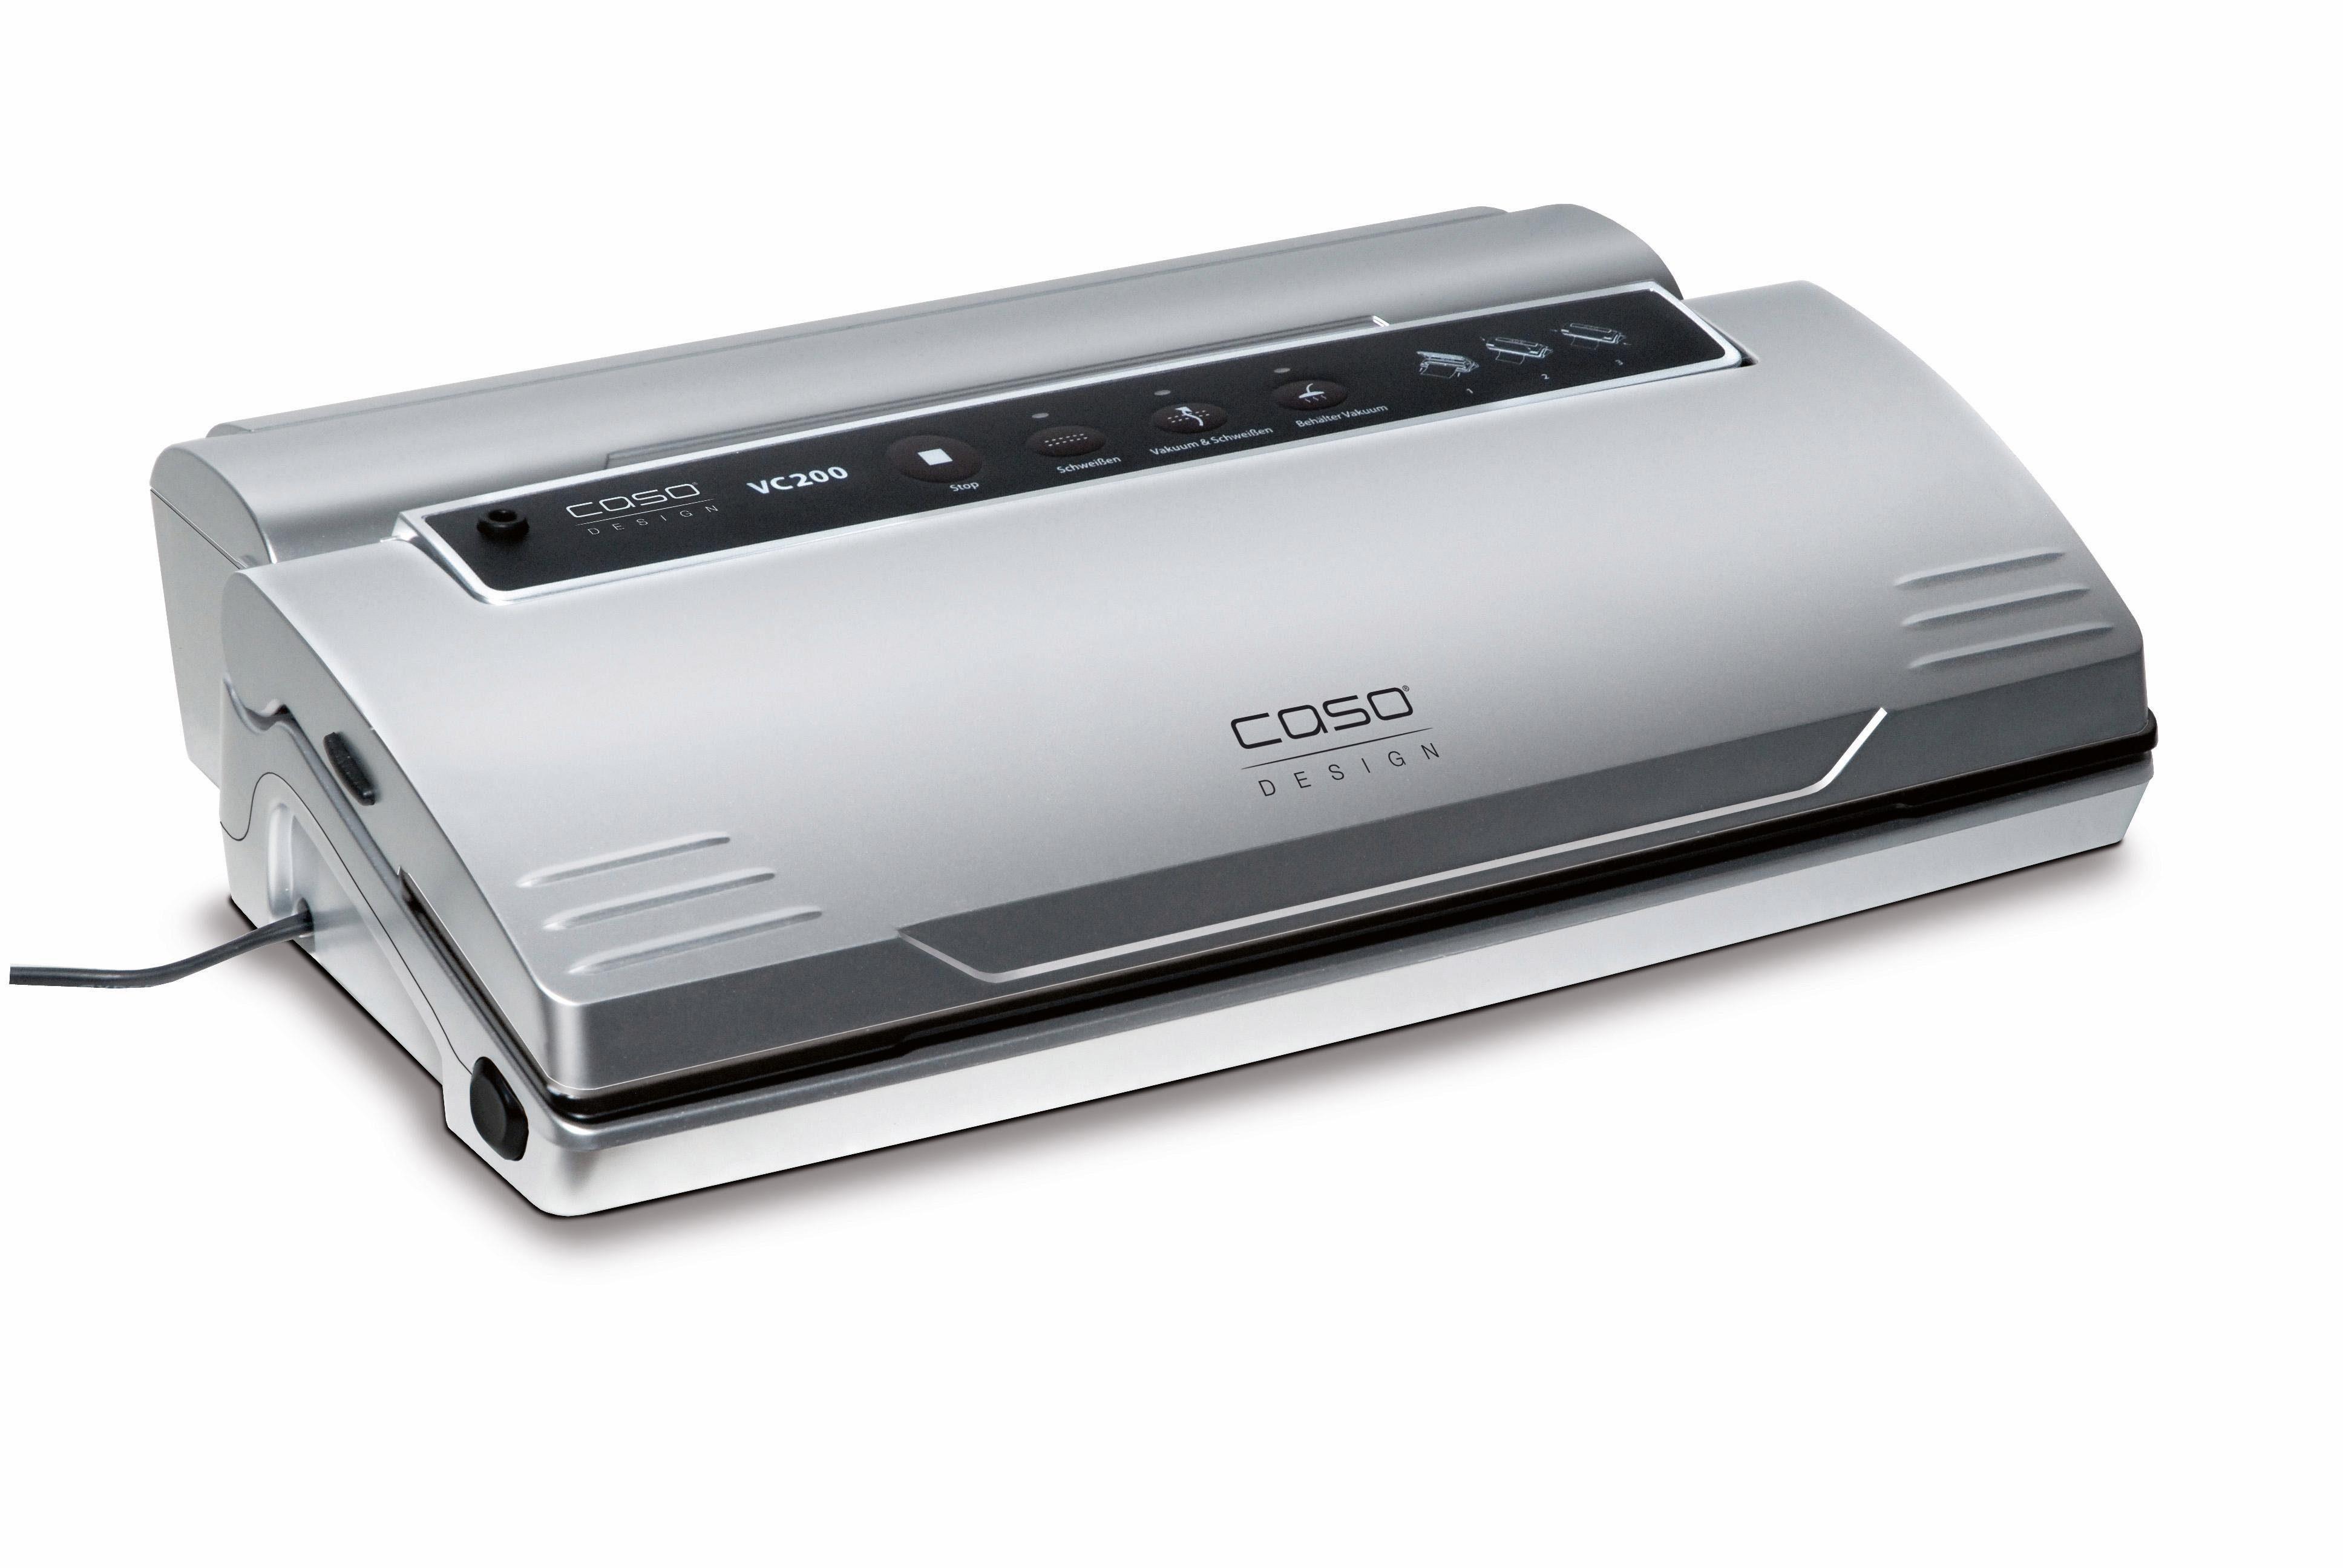 Caso Vakuumierer VC 200, Rollenbreite max. 30 cm bei beliebiger Länge